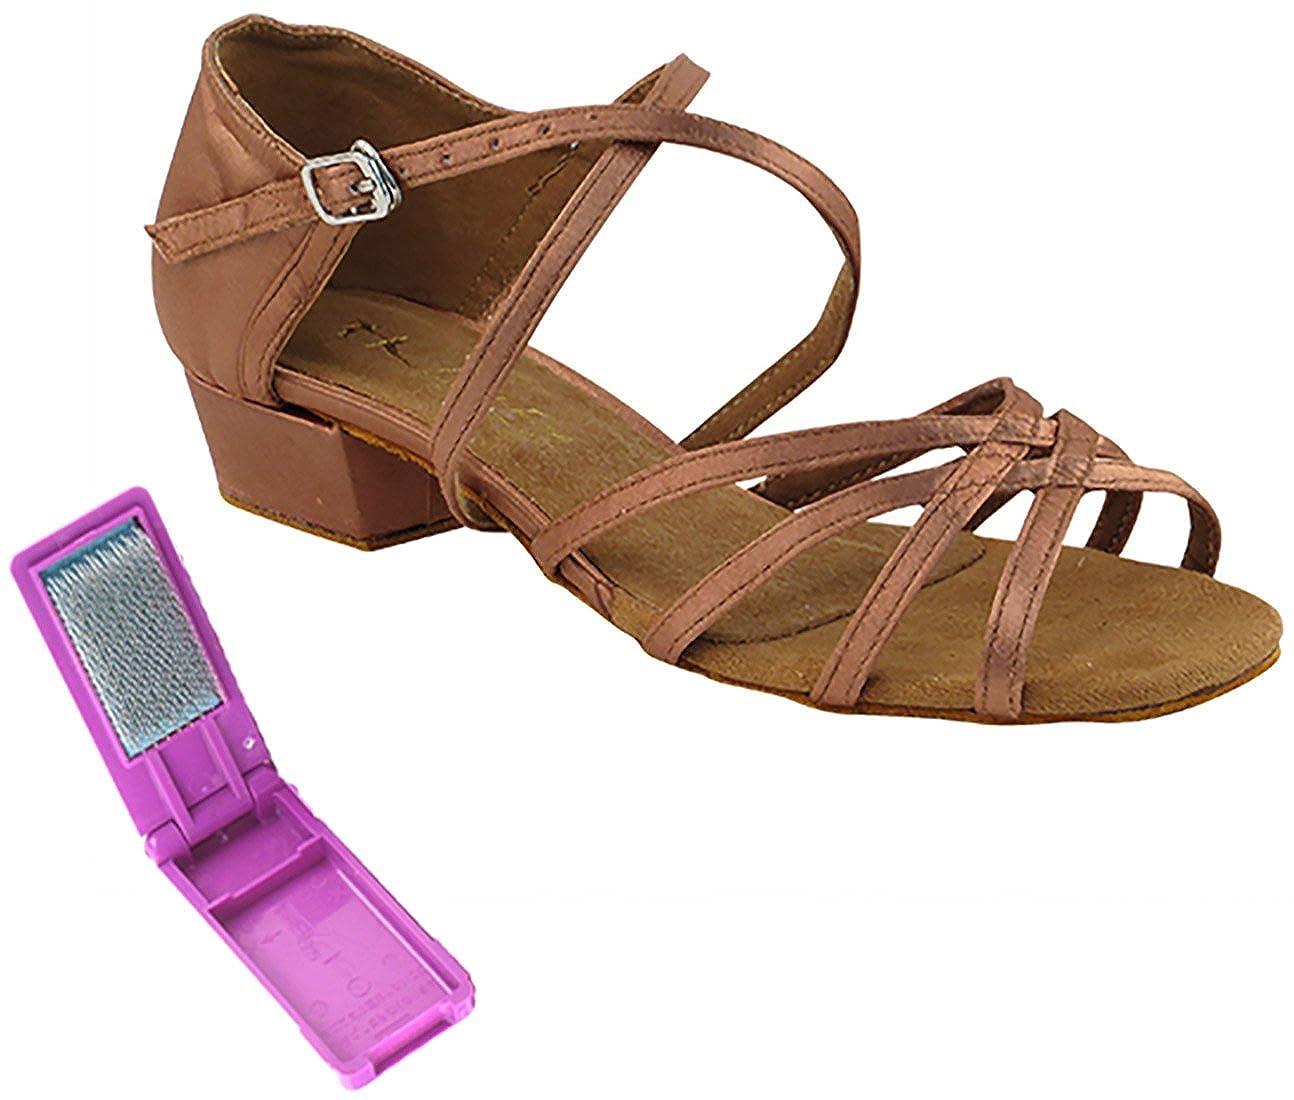 堅実な究極の [Very Fine Dance サテン 6.5 Shoes] レディース B075CXQ3LS US|タン 6.5 B(M) US|タン サテン タン サテン 6.5 B(M) US, ヤサトマチ:4dca8e9e --- a0267596.xsph.ru